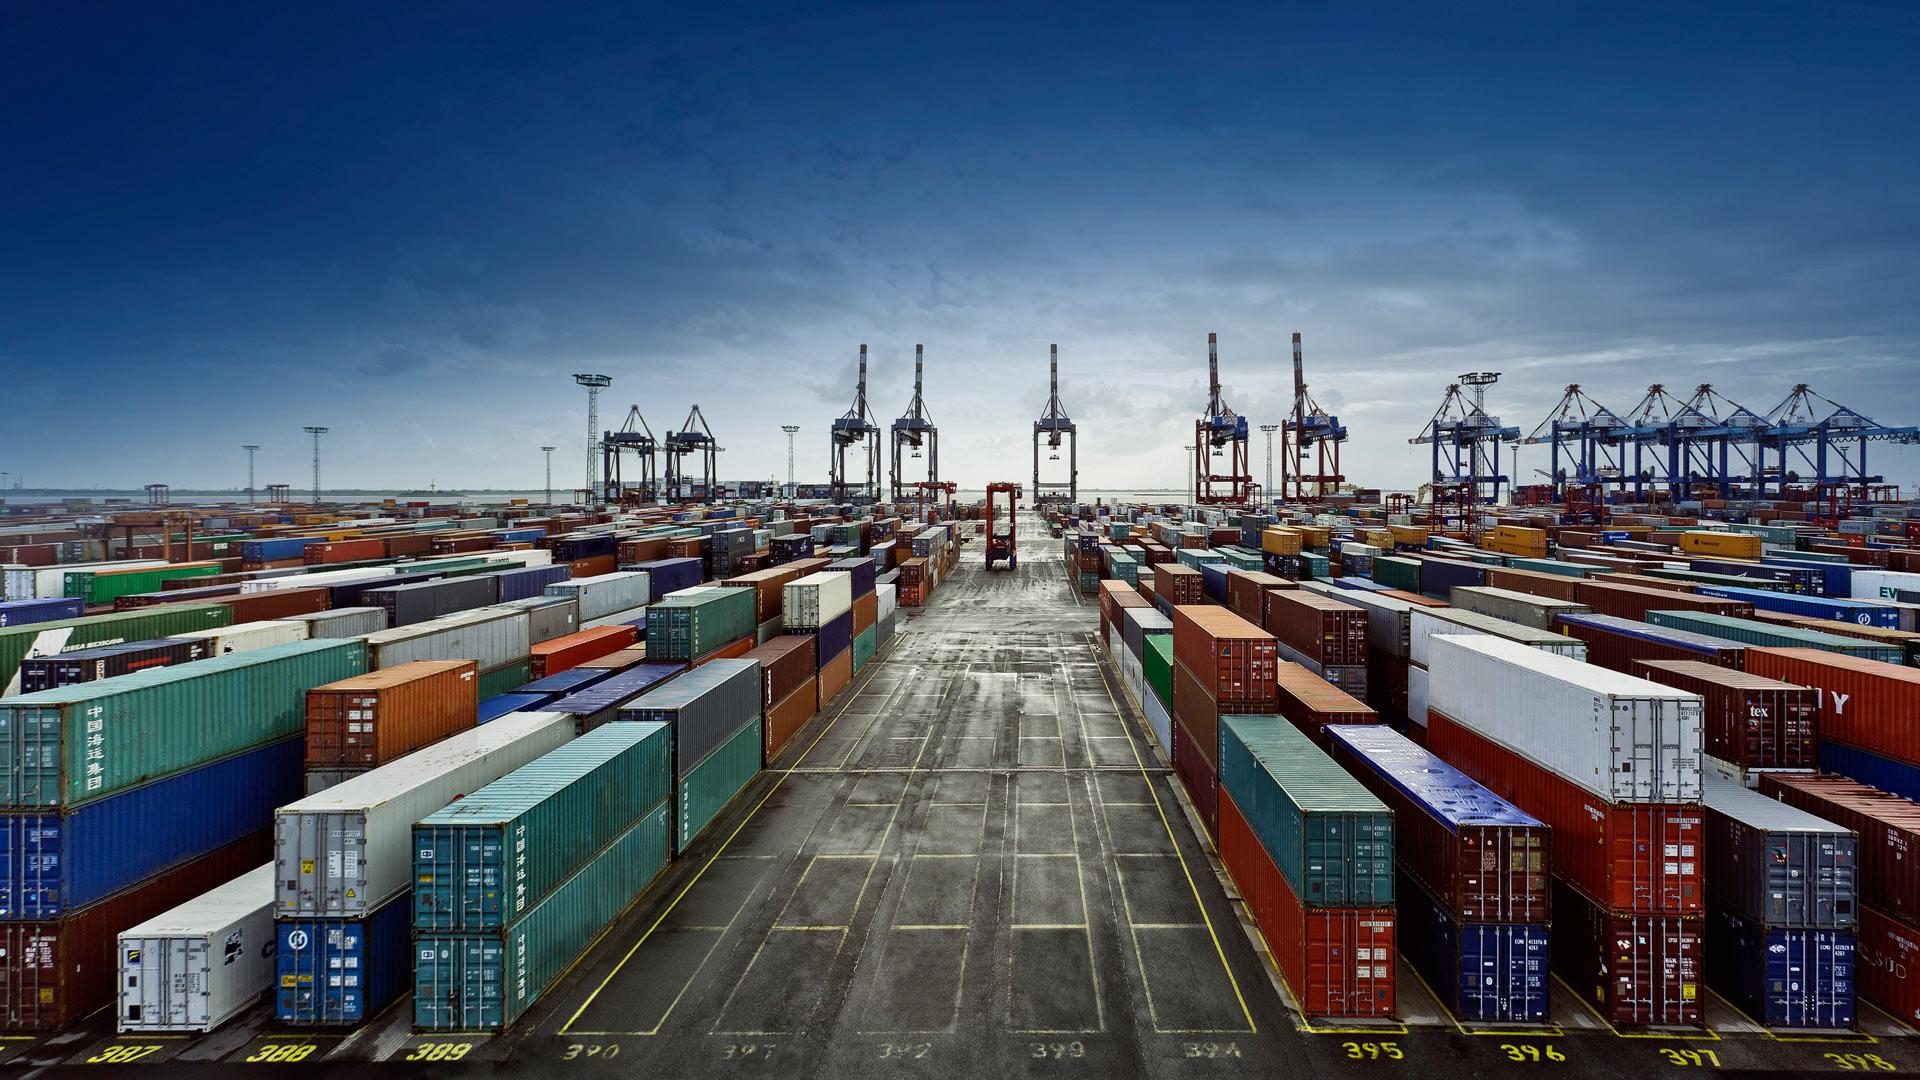 U.S. logistic providers